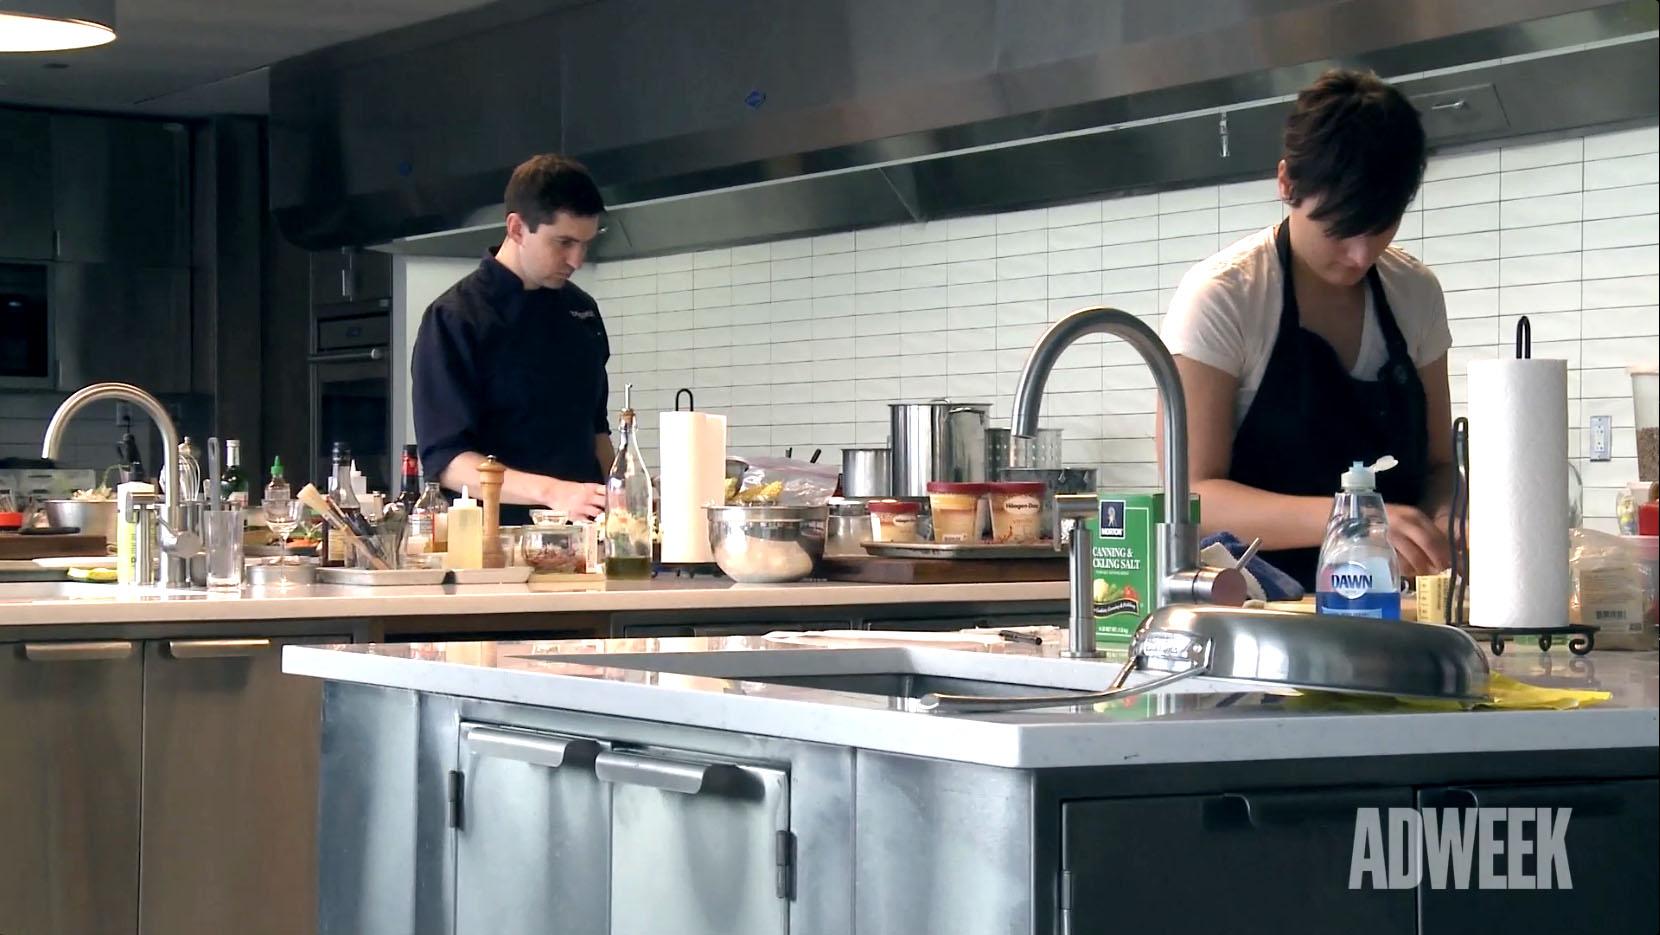 Test Kitchen take a tour of the bon appétit test kitchen – adweek